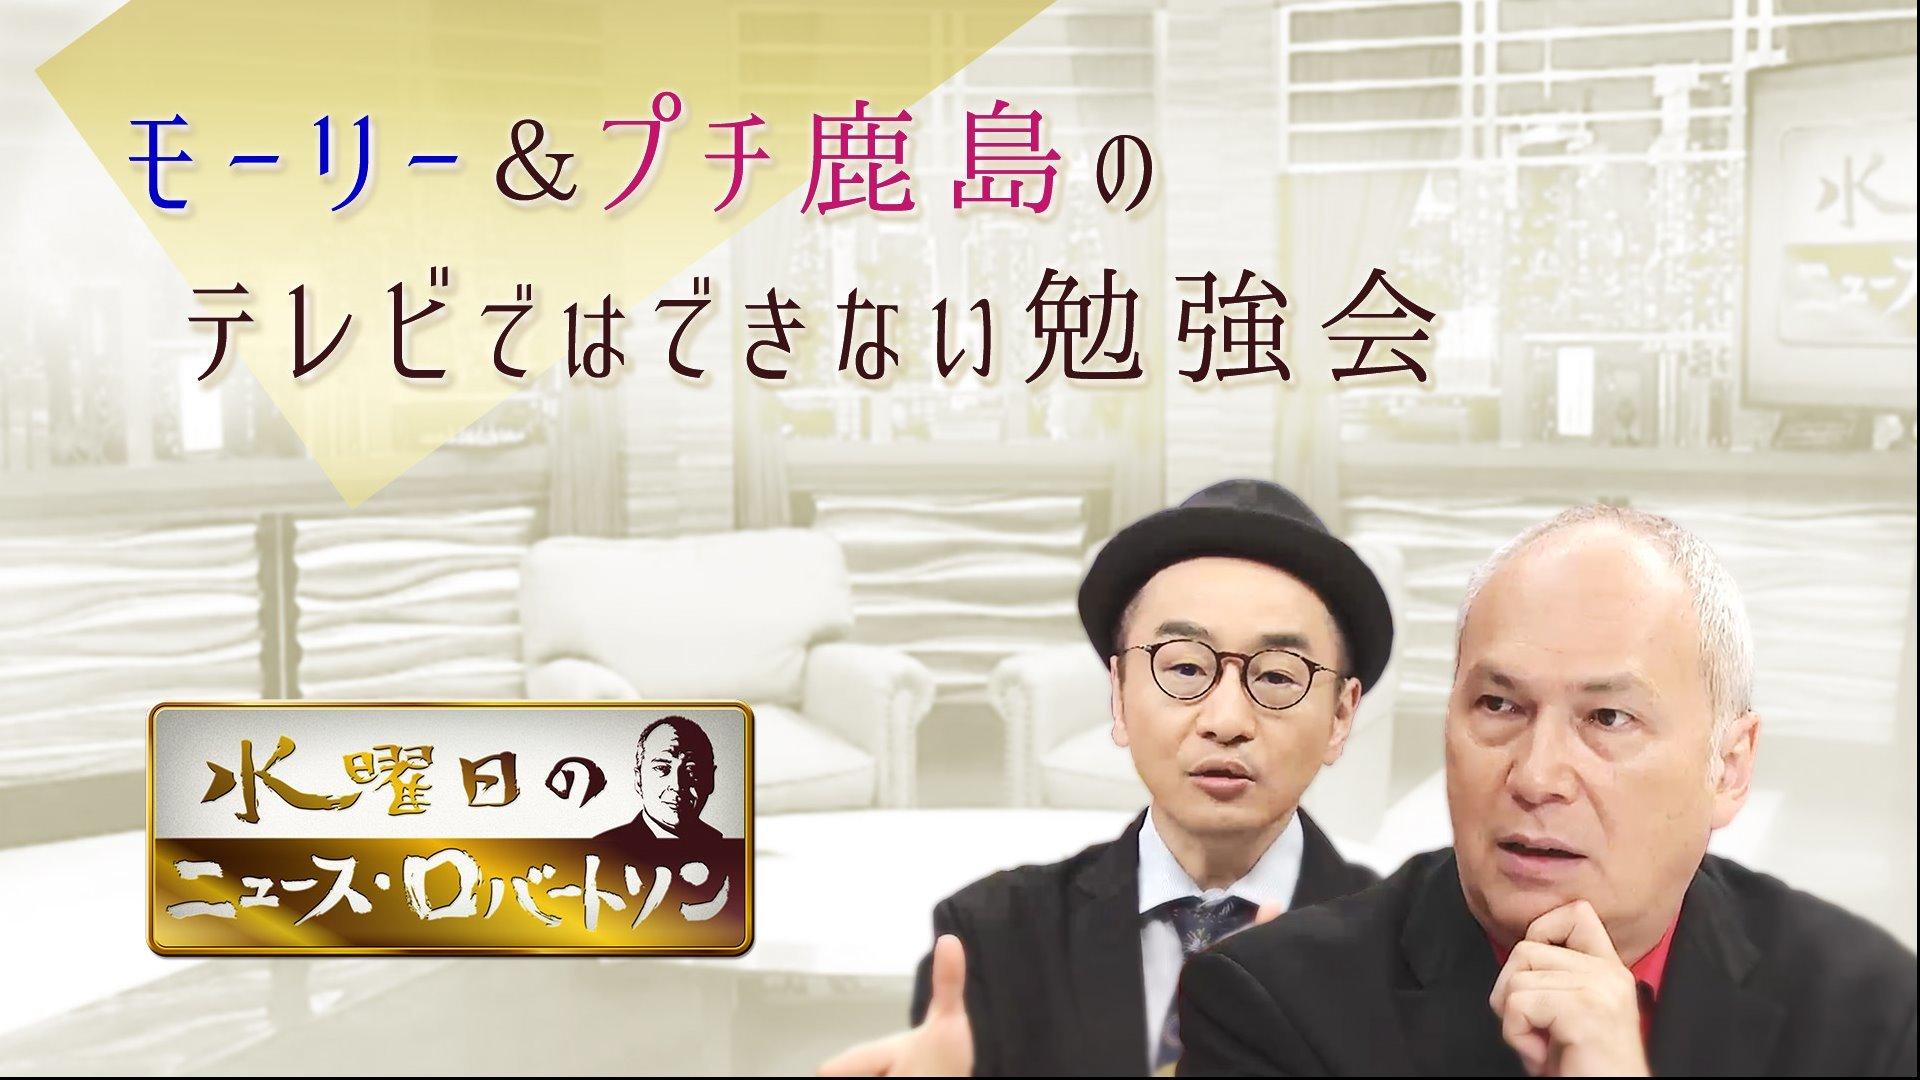 水ロバ」運営 - モーリー&プチ鹿島の「テレビではできない勉強会」【2 ...